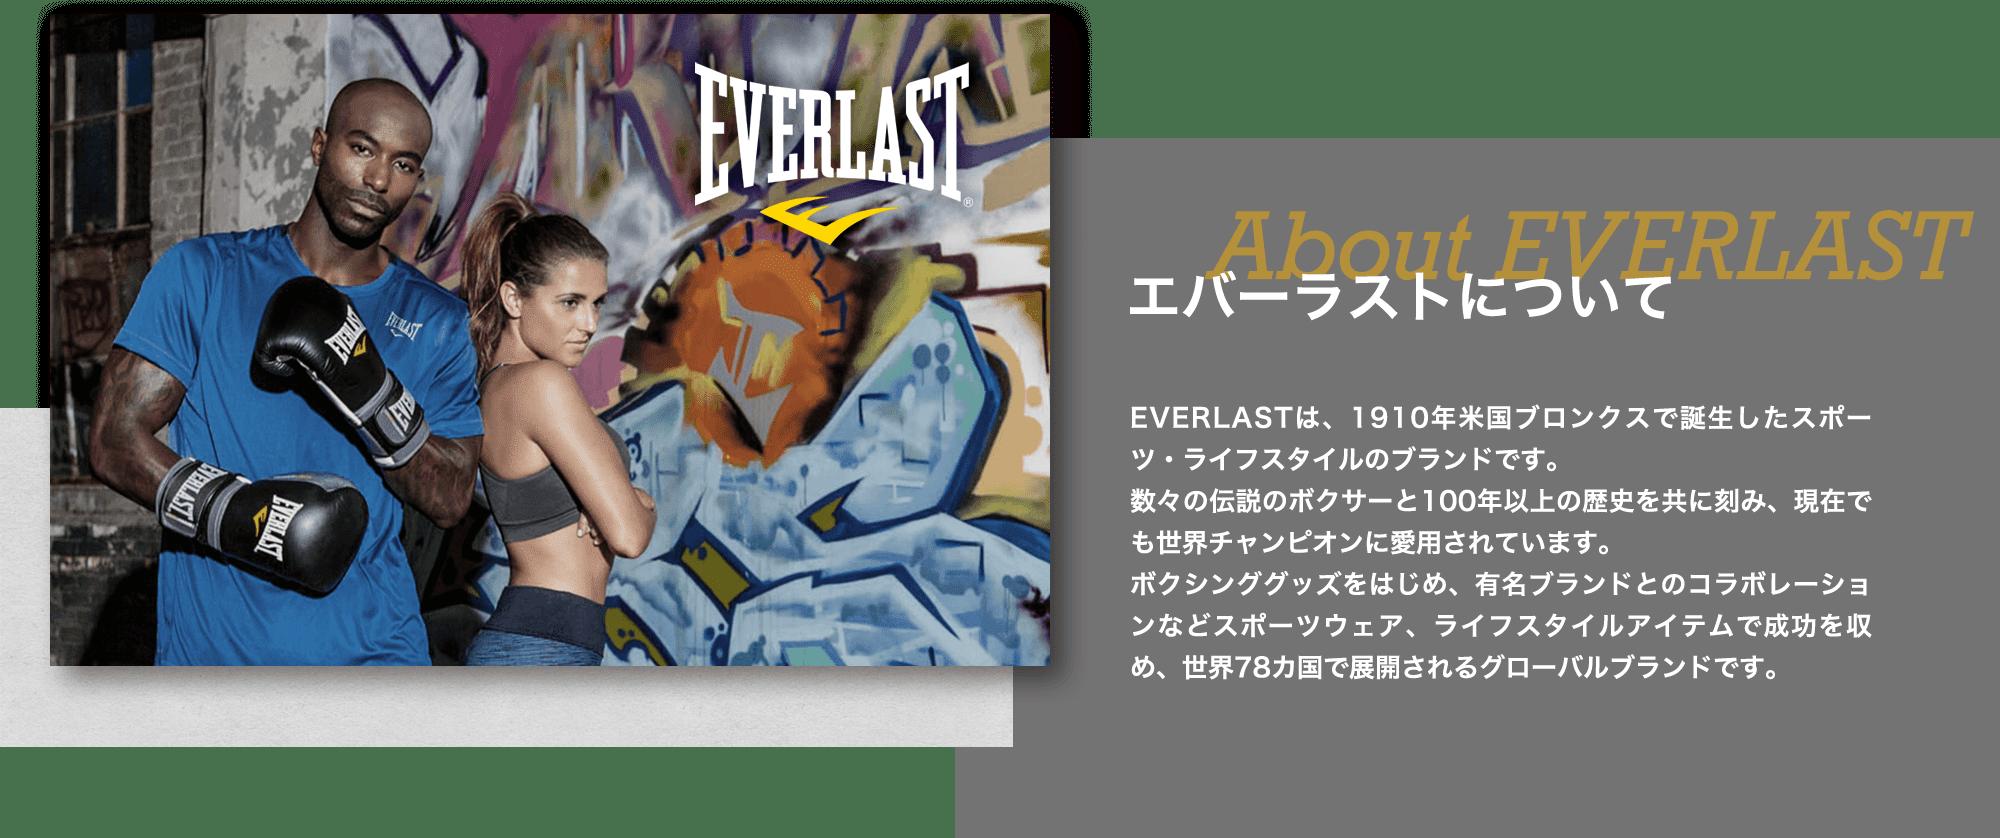 エバーラストについて EVERLASTは、1910年米国ブロンクスで誕生したスポーツ・ライフスタイルのブランドです。数々の伝説のボクサーと100年以上の歴史を共に刻み、現在でも世界チャンピオンに愛用されています。ボクシンググッズをはじめ、有名ブランドとのコラボレーションなどスポーツウェア、ライフスタイルアイテムで成功を収め、世界78カ国で展開されるグローバルブランドです。